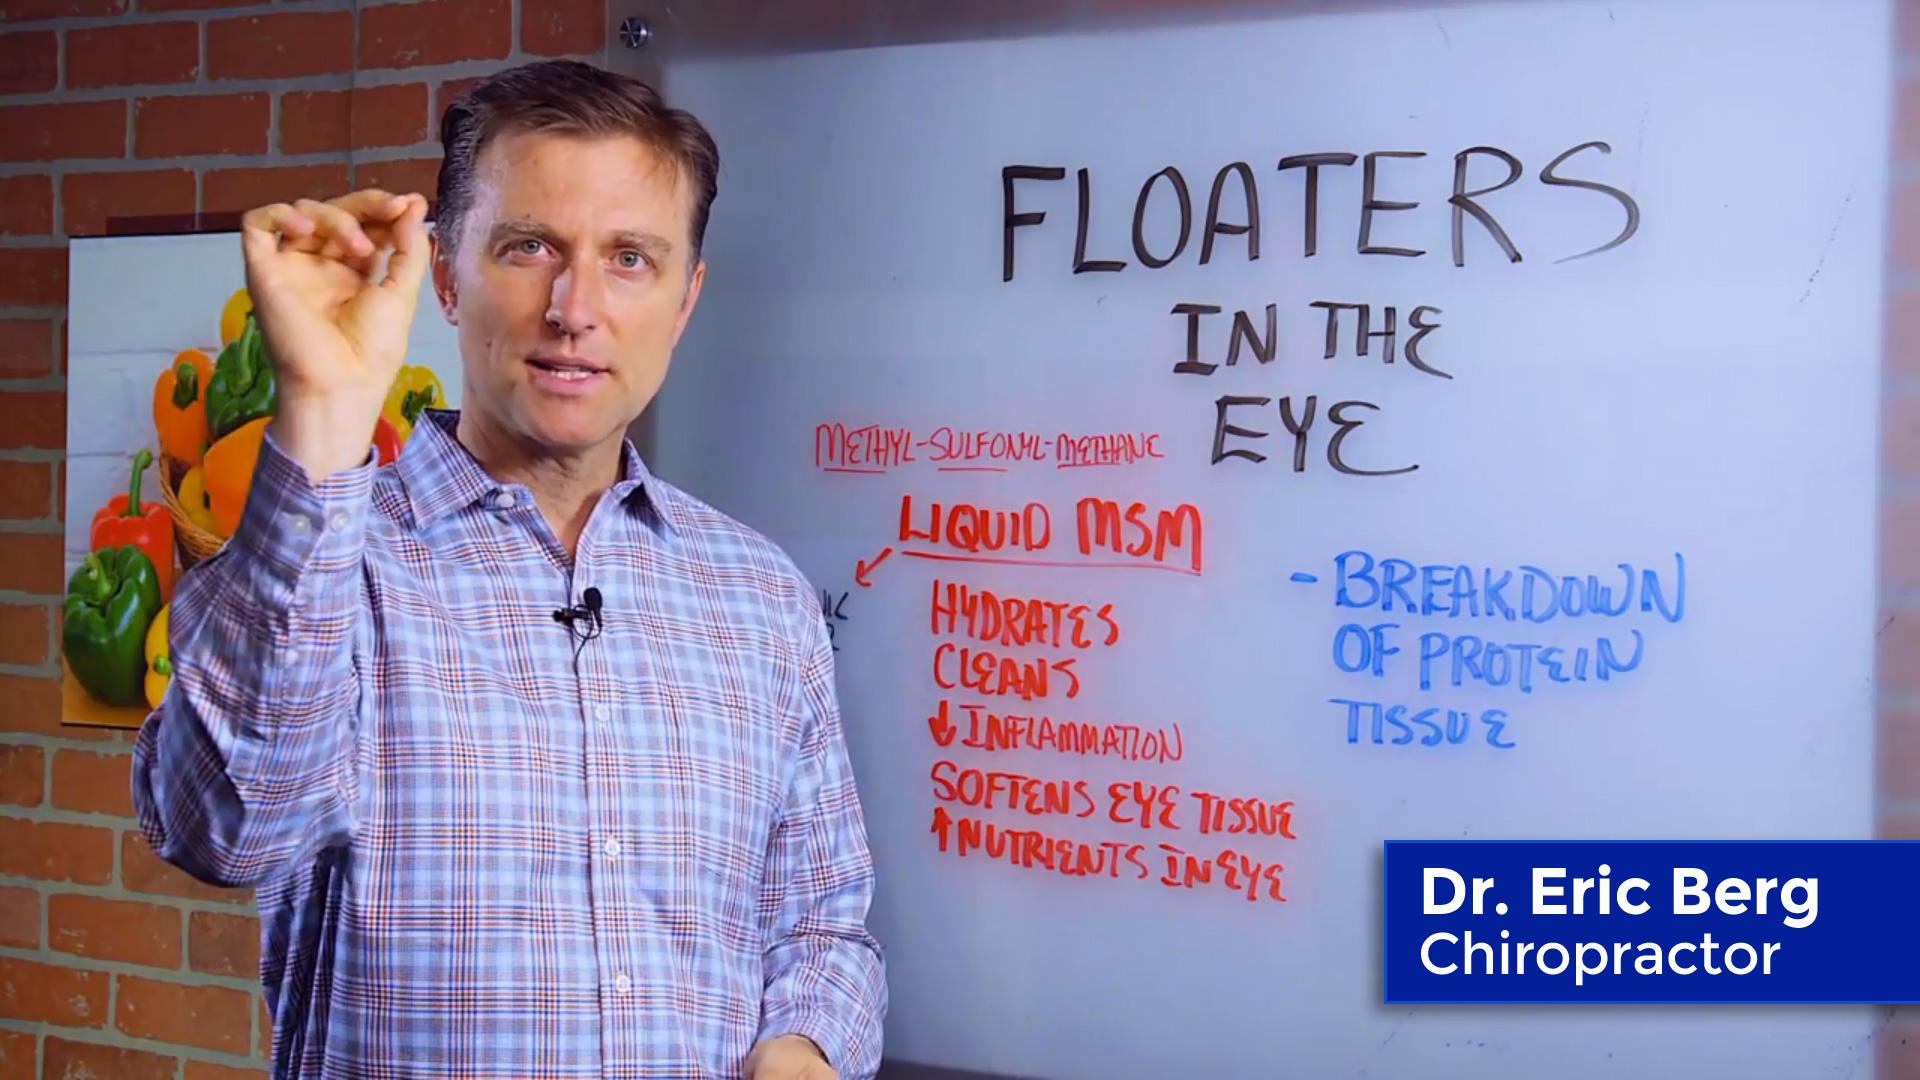 Dexterity Health Liquid MSM Drops, 3-Pack of 4 oz  Dropper-Top